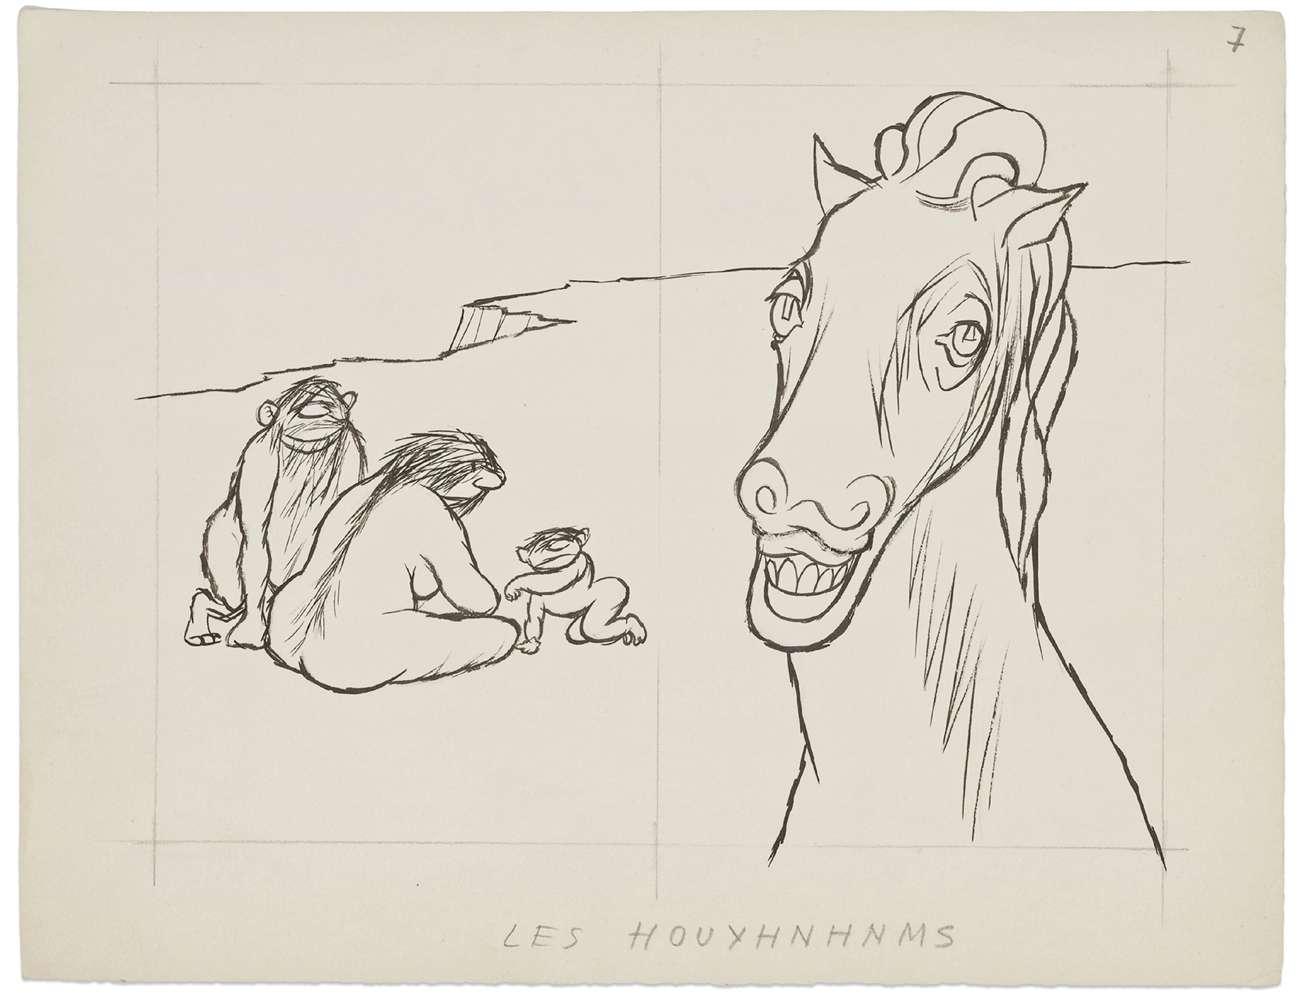 Chaval, Les Houyhnhnms, 1960 Encre et mine de plomb sur papier25 x 32.5 cm / 9 7/8 x 12 6/8 inches